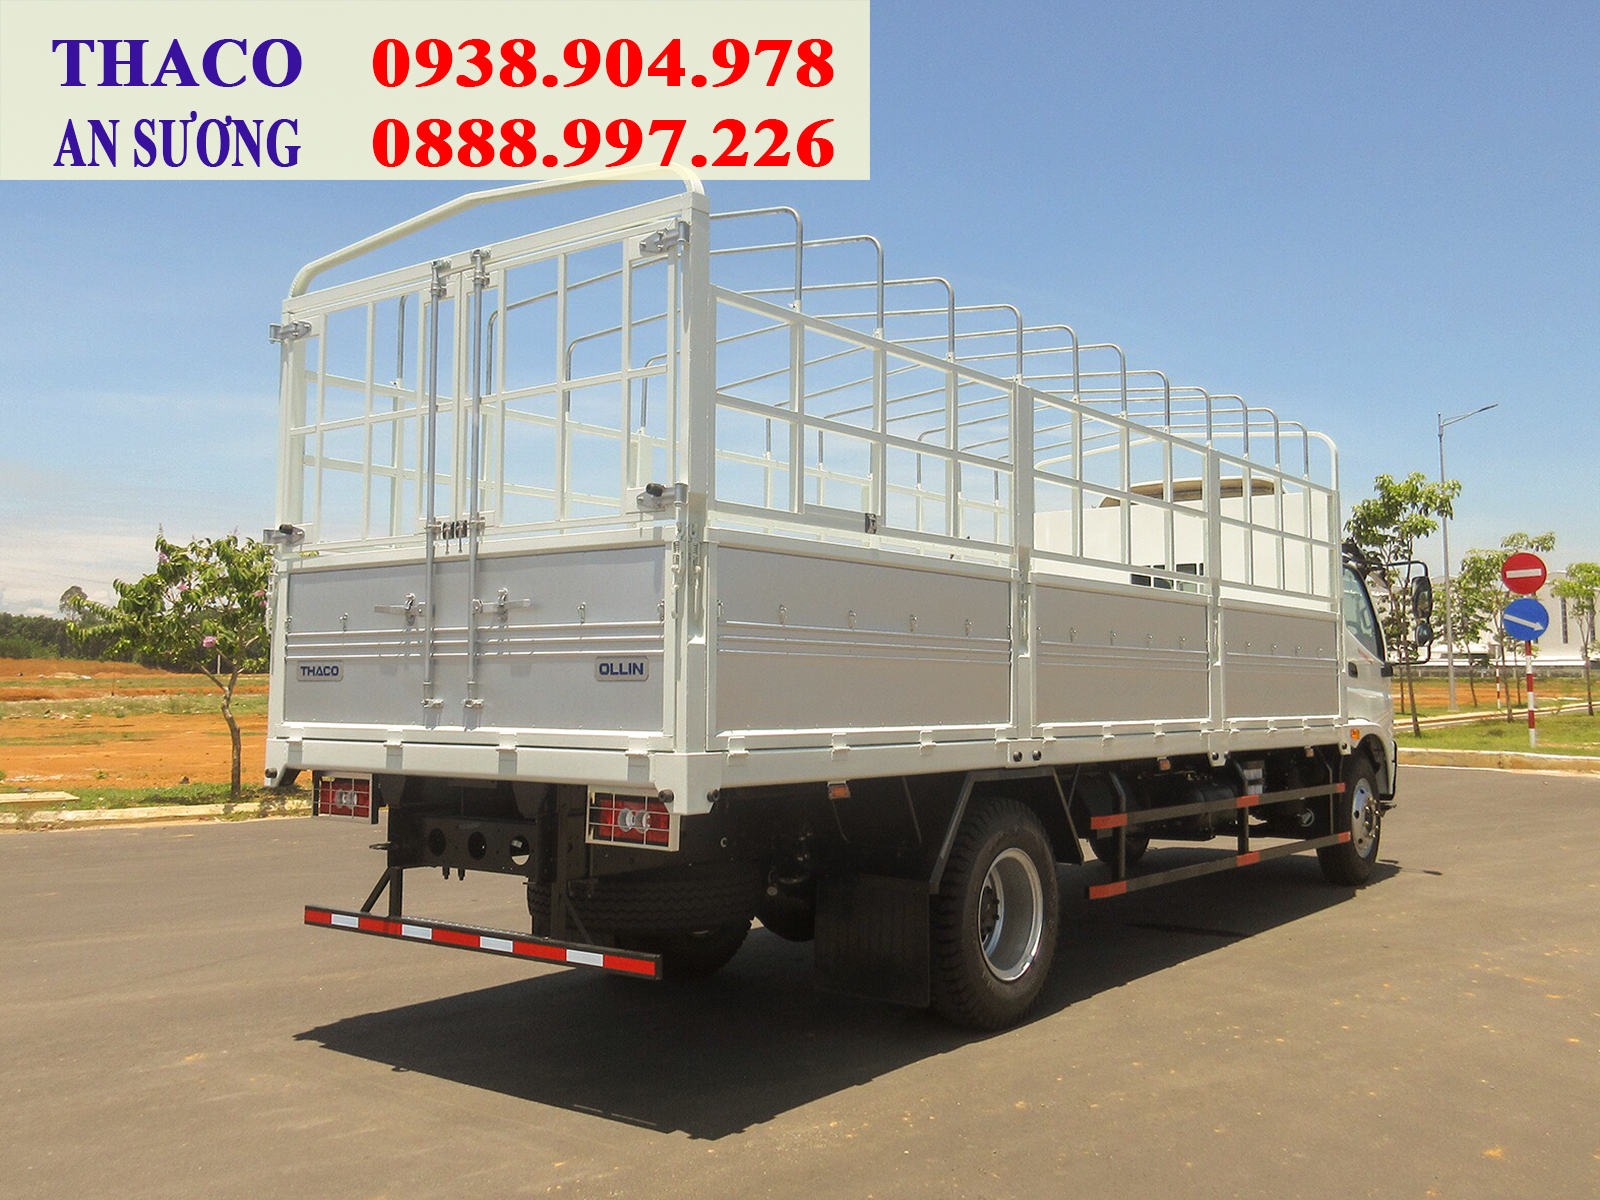 Xe tải Thaco OLLIN 900 tải trọng 9 tấn, thùng dài 6.9 mét